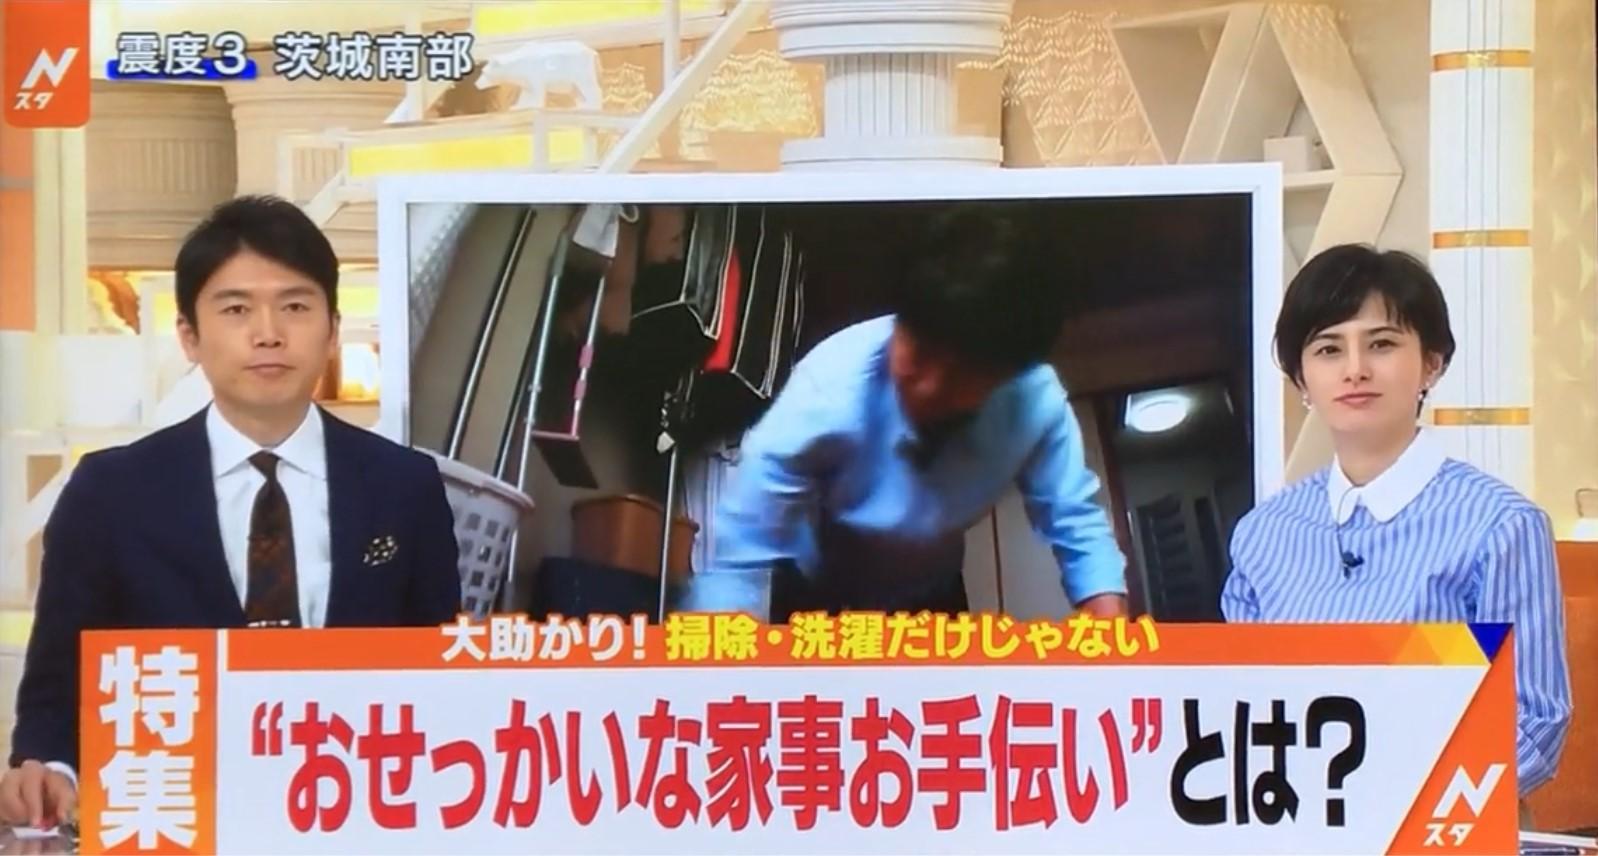 TBS Nスタで「東京かあさん」が特集されました。